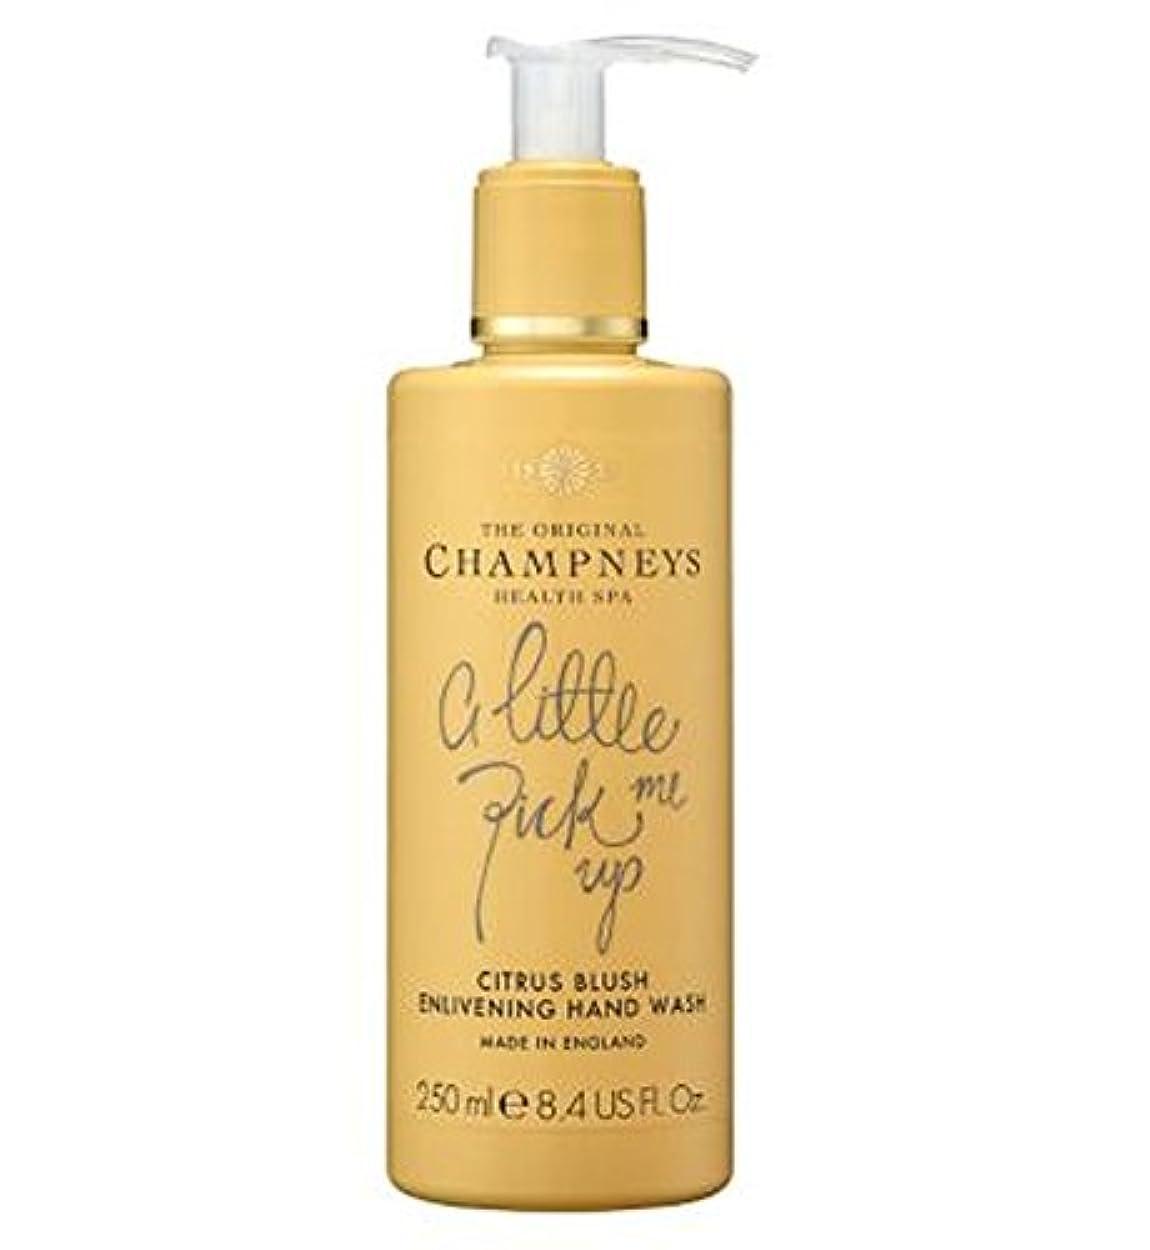 ハイジャックモスモンスターChampneys Citrus Blush Enlivening Hand Wash 250ml - チャンプニーズシトラス赤面盛り上げハンドウォッシュ250ミリリットル (Champneys) [並行輸入品]